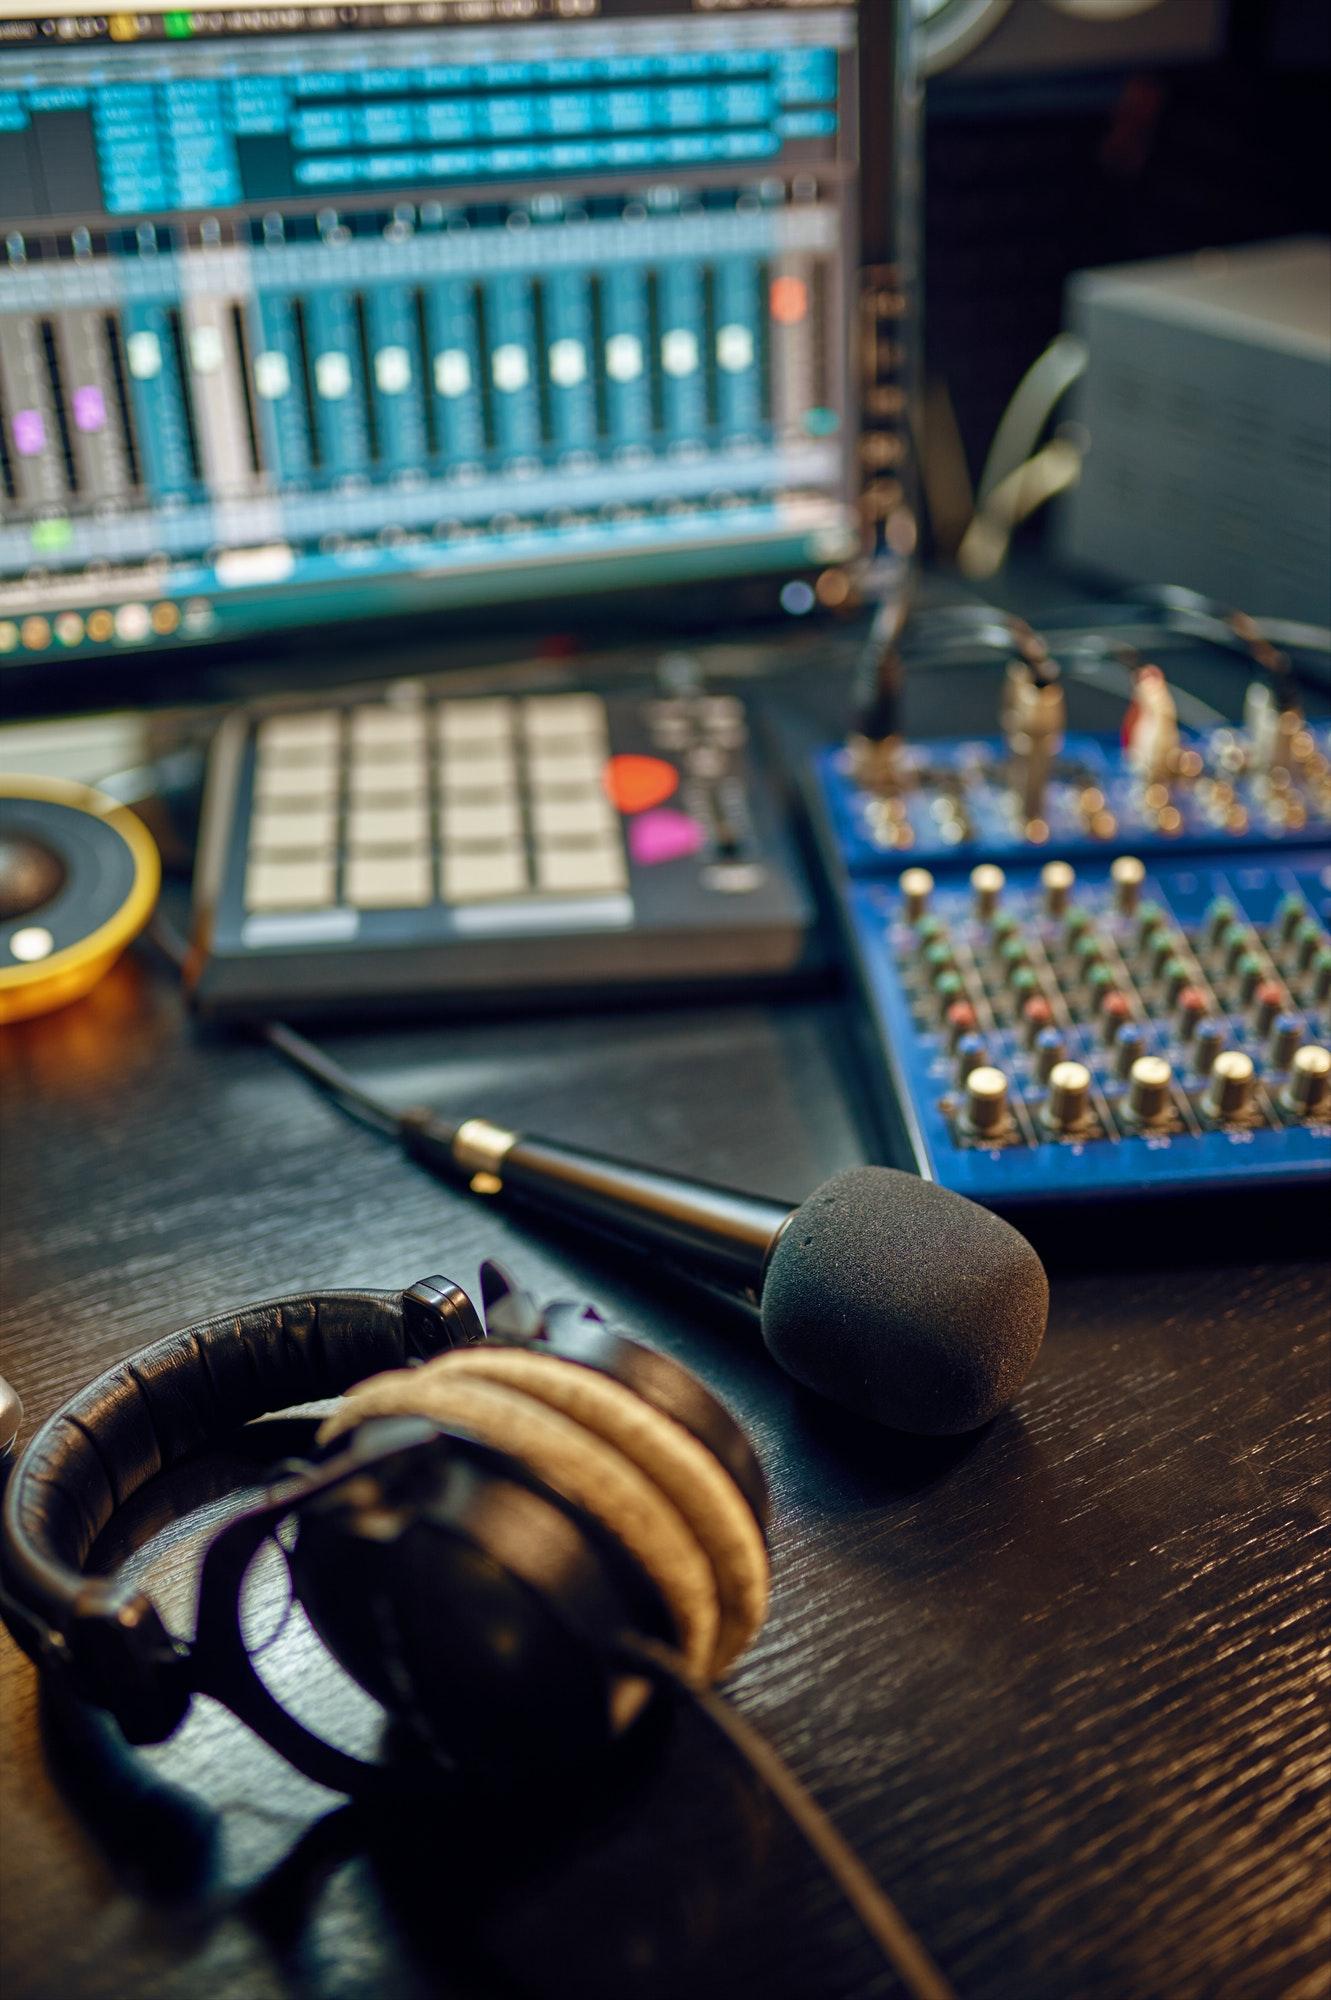 Headphones on the table, recording studio interior